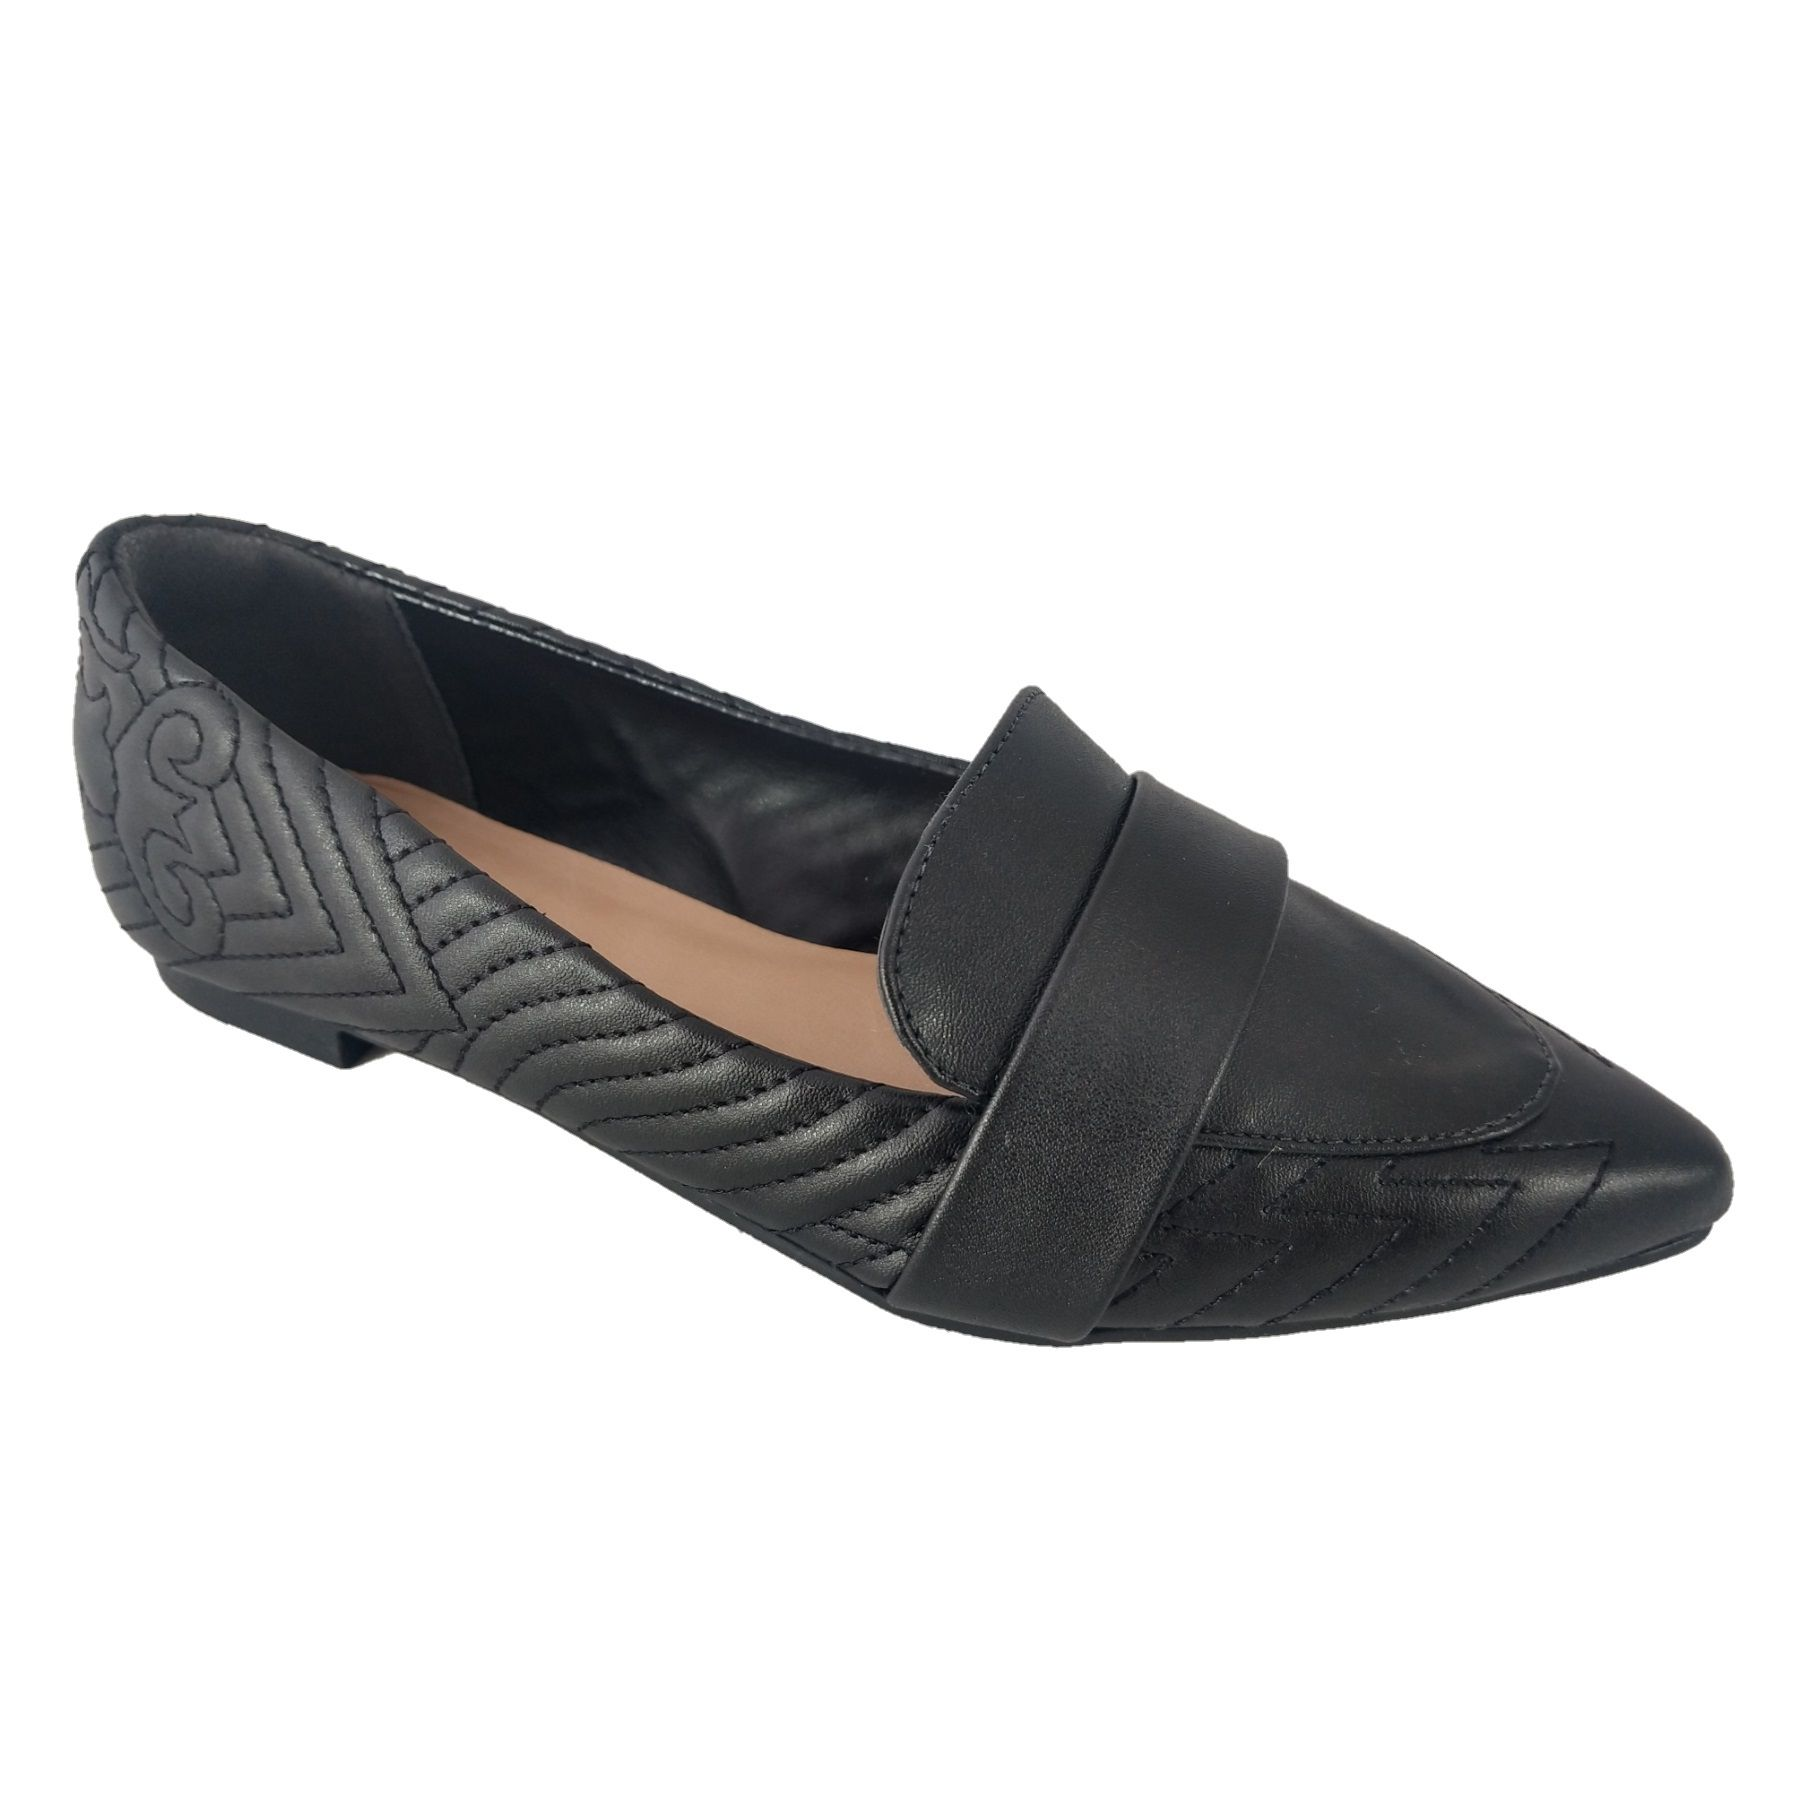 Slipper Feminino SapatoWeb Confort Preto  - SAPATOWEB.COM